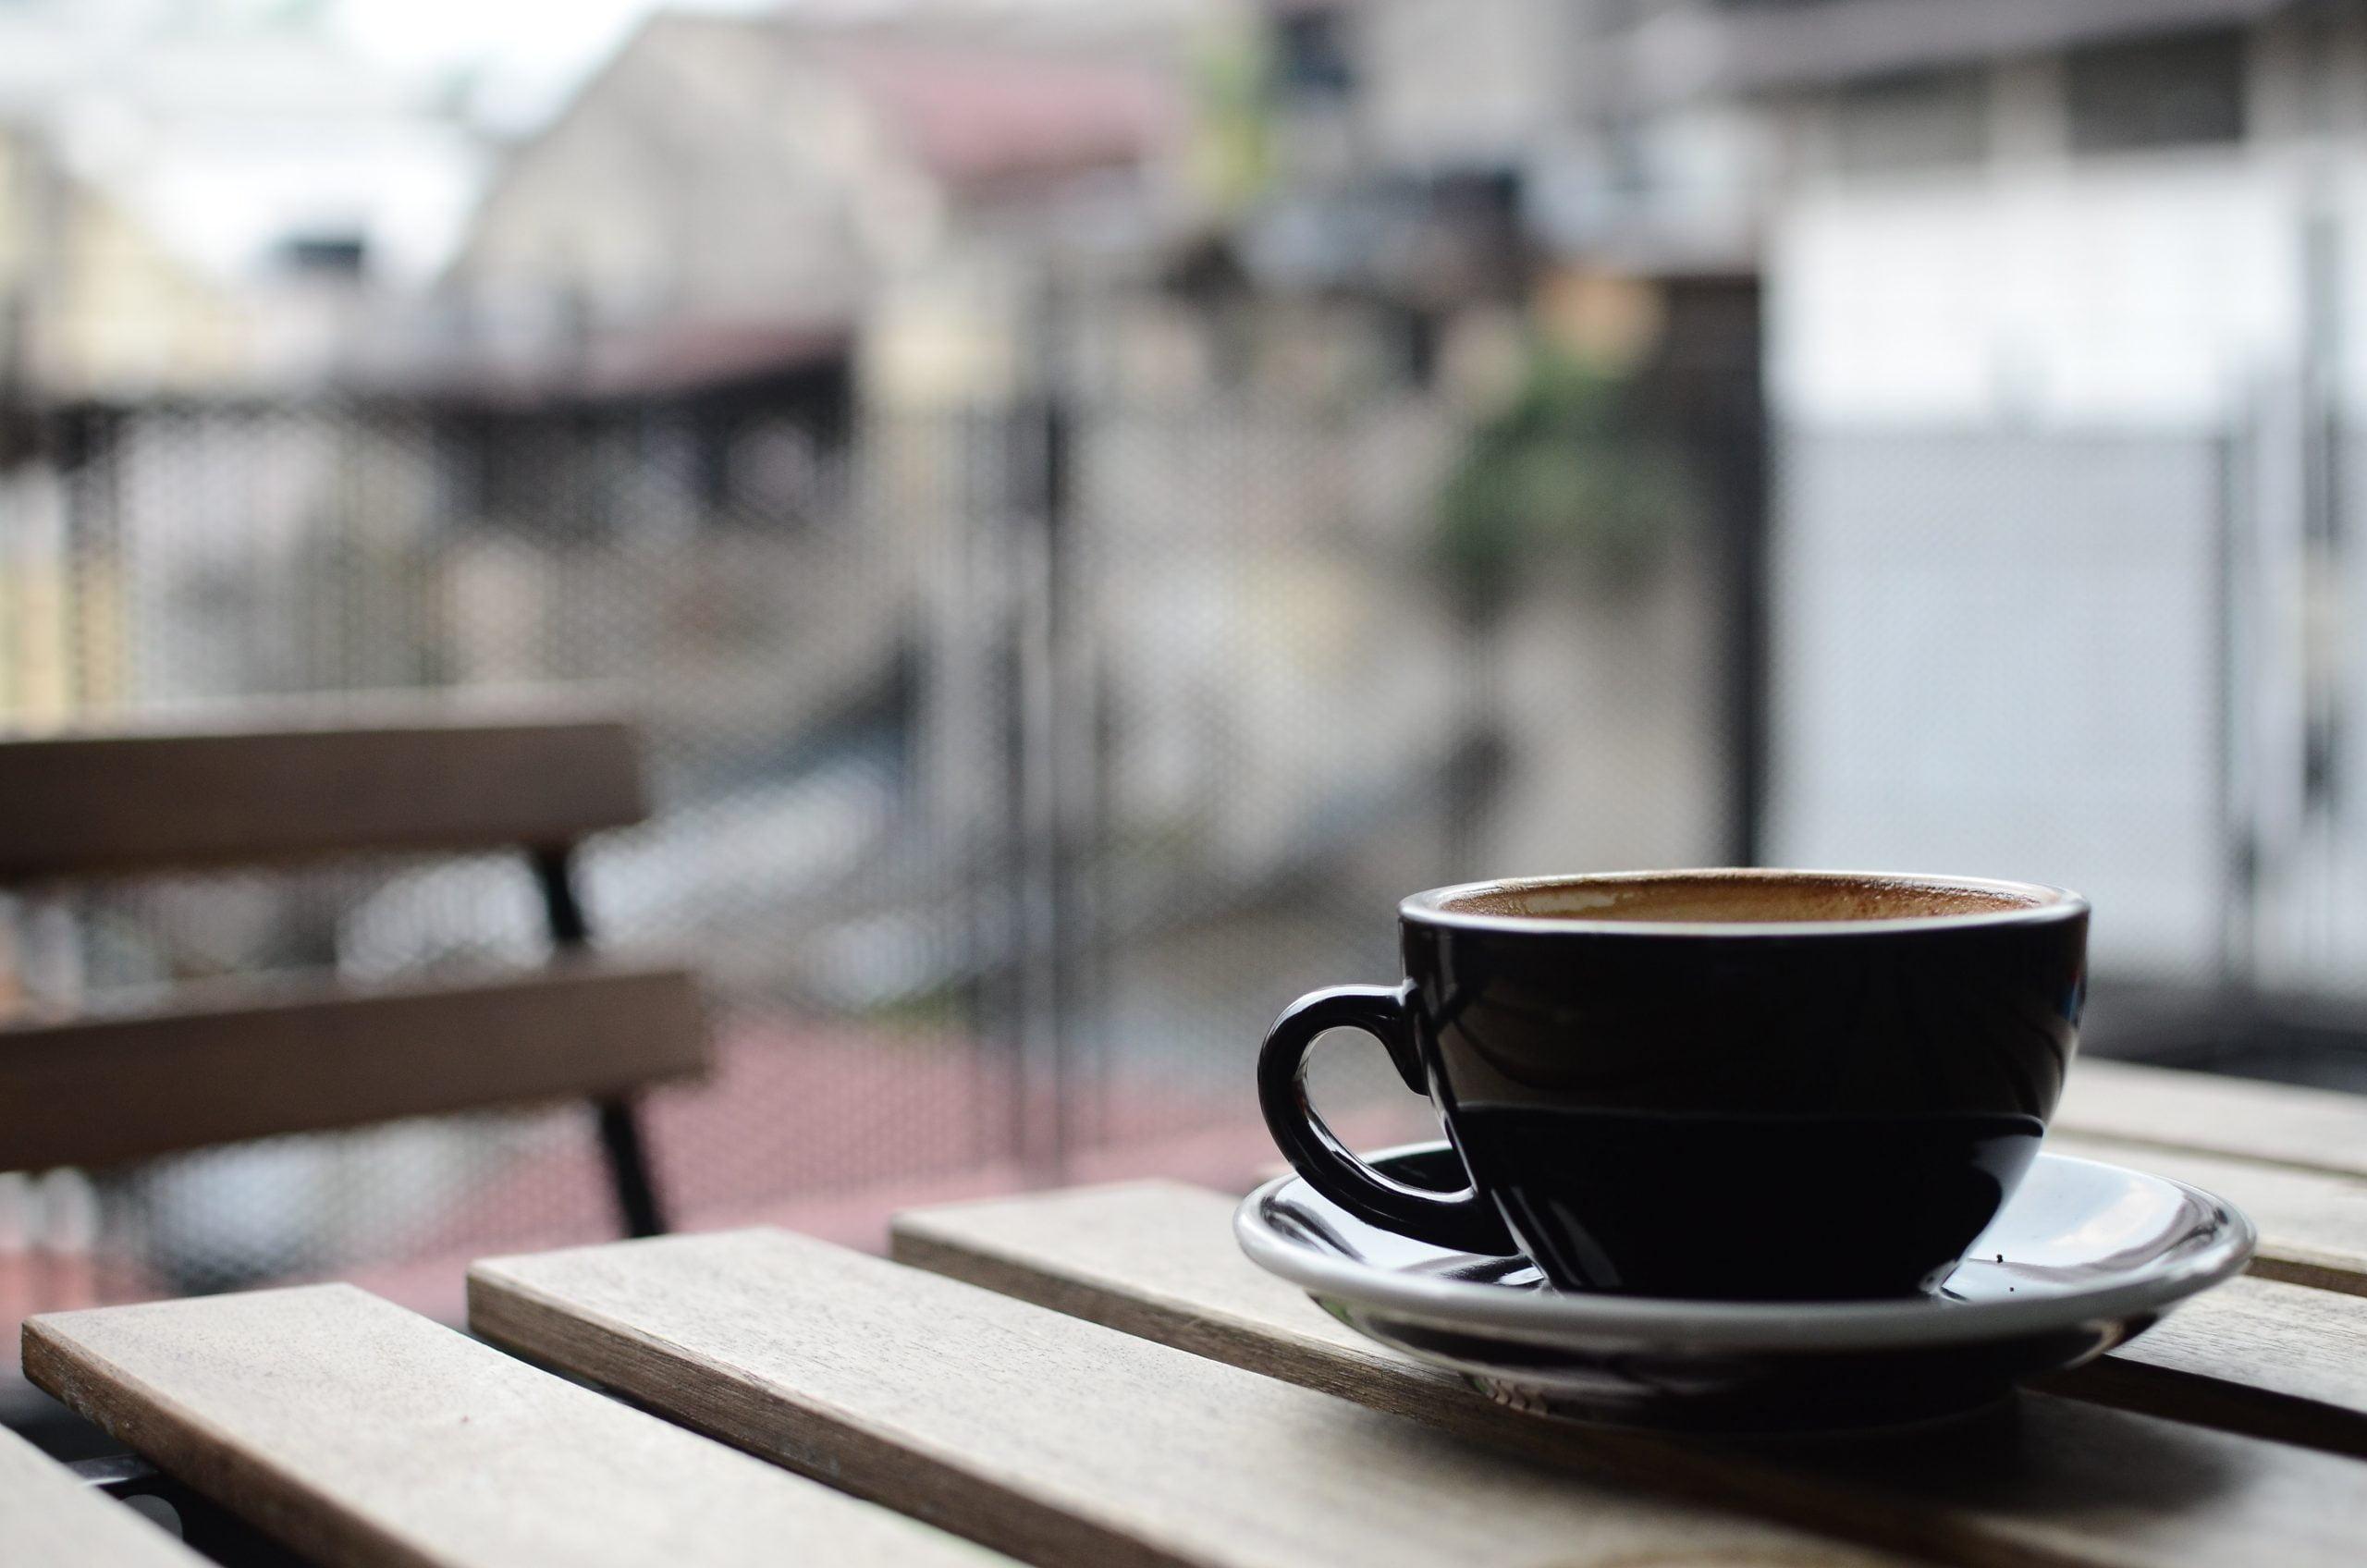 コーヒーを飲むようにストレスなく続けるコツ